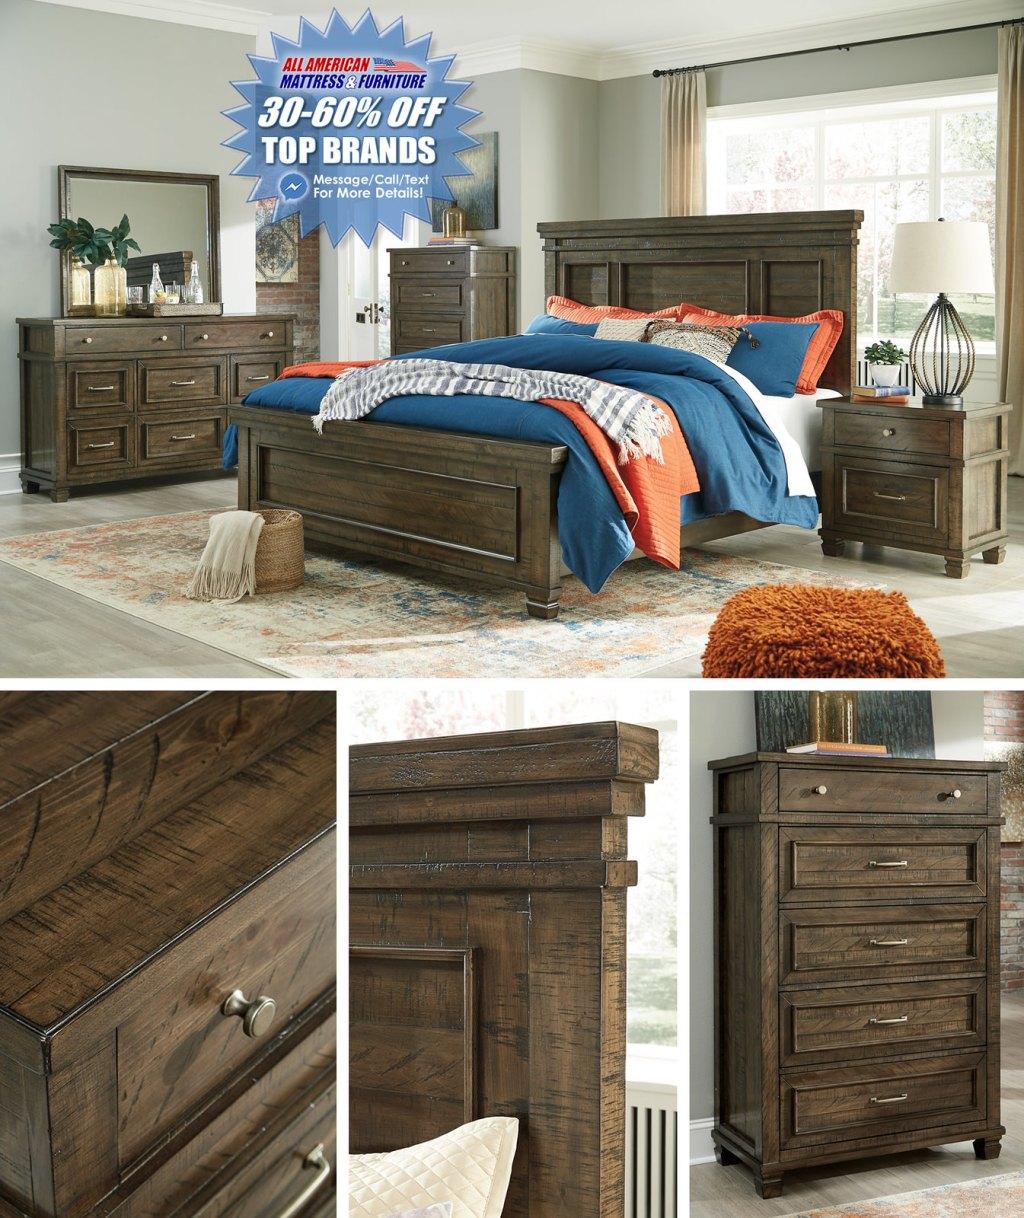 Darloni Weathered Brown Bedroom Set_B734-31-36-46-58-56-97-92-Q742_layoutStamped